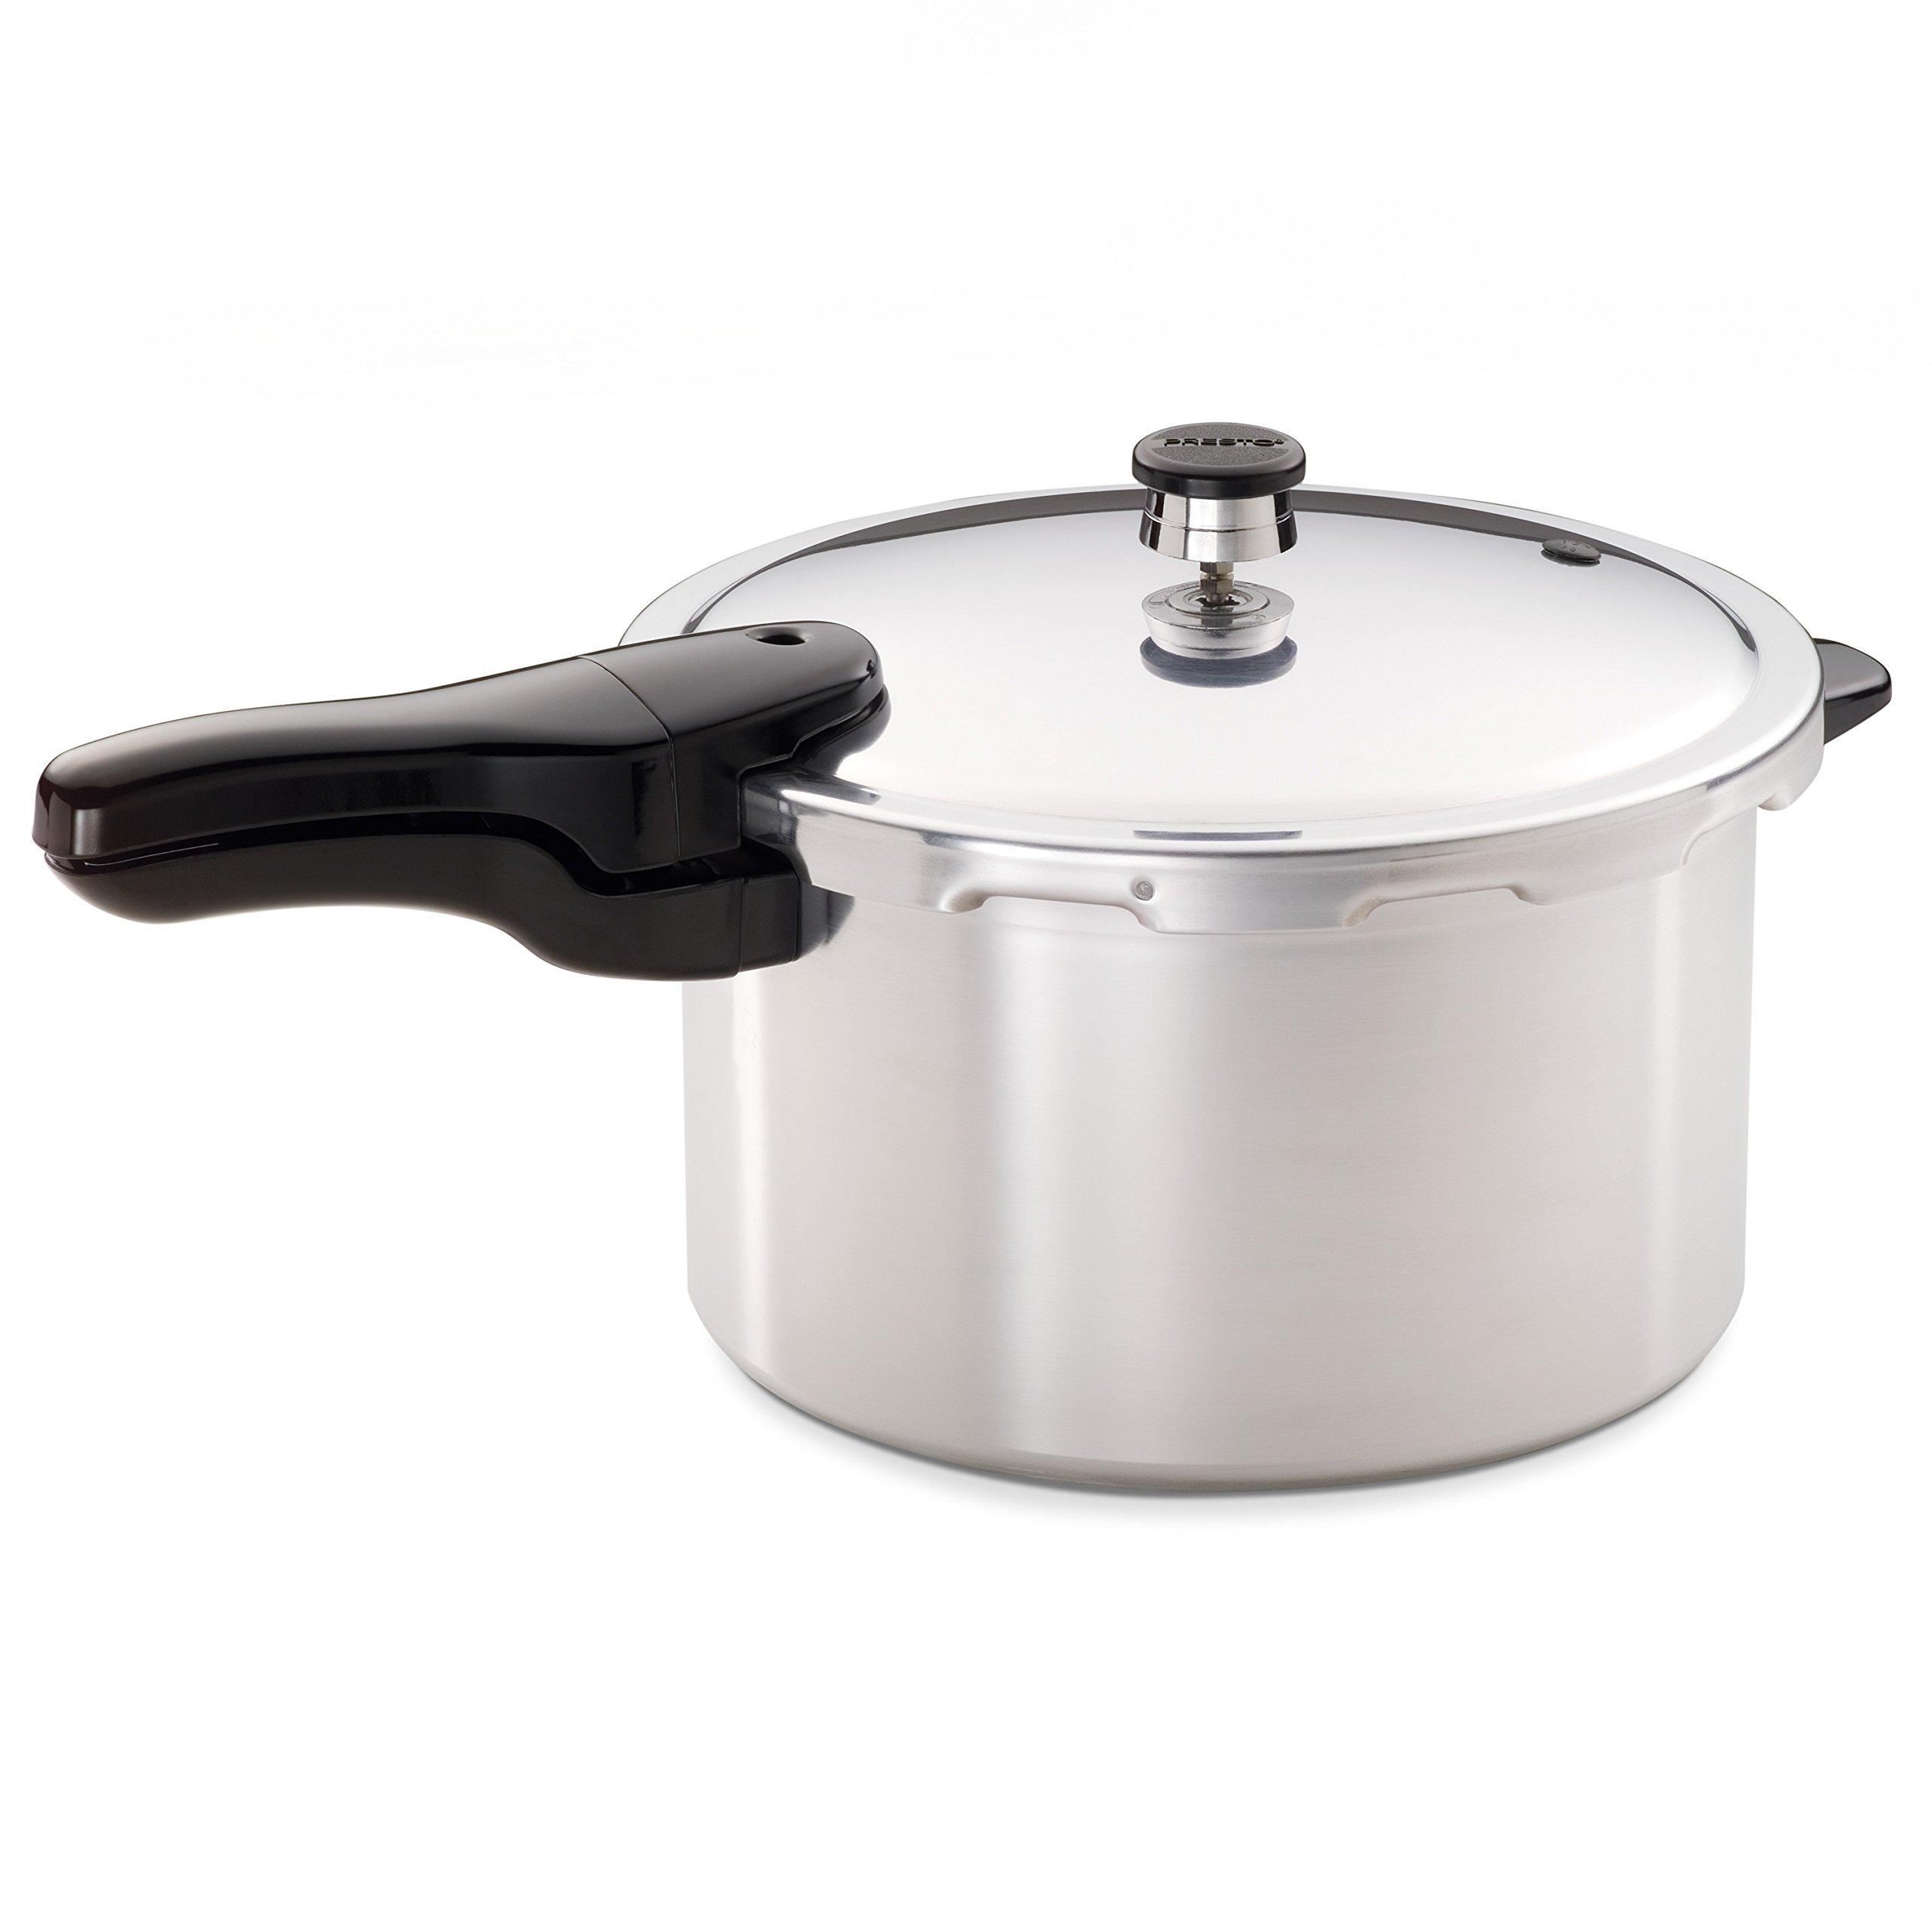 Presto 01282 8-Quart Aluminum Pressure Cooker by Presto (Image #1)